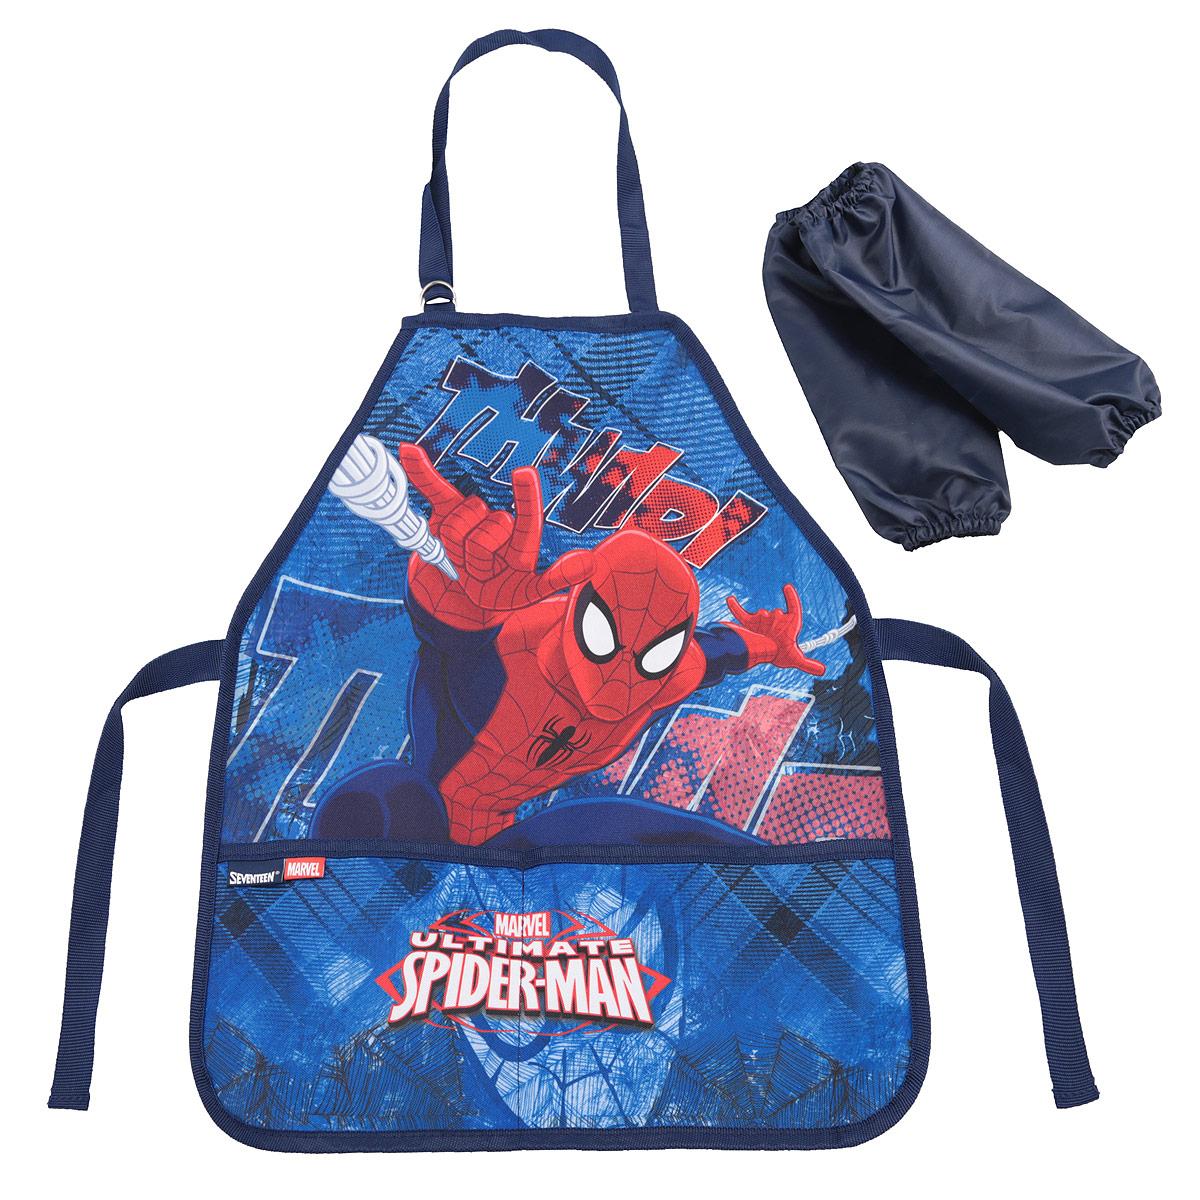 Фартук для труда Spider-man Classic, с нарукавниками, цвет: синий, красныйSMCB-RT2-2900Фартук для труда Spider-man Classic, с нарукавниками поможет малышу не испачкаться во время домашних хлопот, на уроках труда или изобразительного искусства. Благодаря удобному покрою фартука, ребенок может его самостоятельно надевать и снимать. Завязки позволяют зафиксировать фартук на талии и на шее. Ремень, предназначенный для фиксации на шее, имеет металлические приспособления для регулировки длины.Спереди расположены два вместительных кармана, в которые можно положить необходимые для работы предметы. К фартуку прилагаются два нарукавника из плащевой ткани, они фиксируются резинками сверху и снизу.Изделие изготовлено из легкостирающейся, износостойкой ткани, поэтому будет служить очень долго.